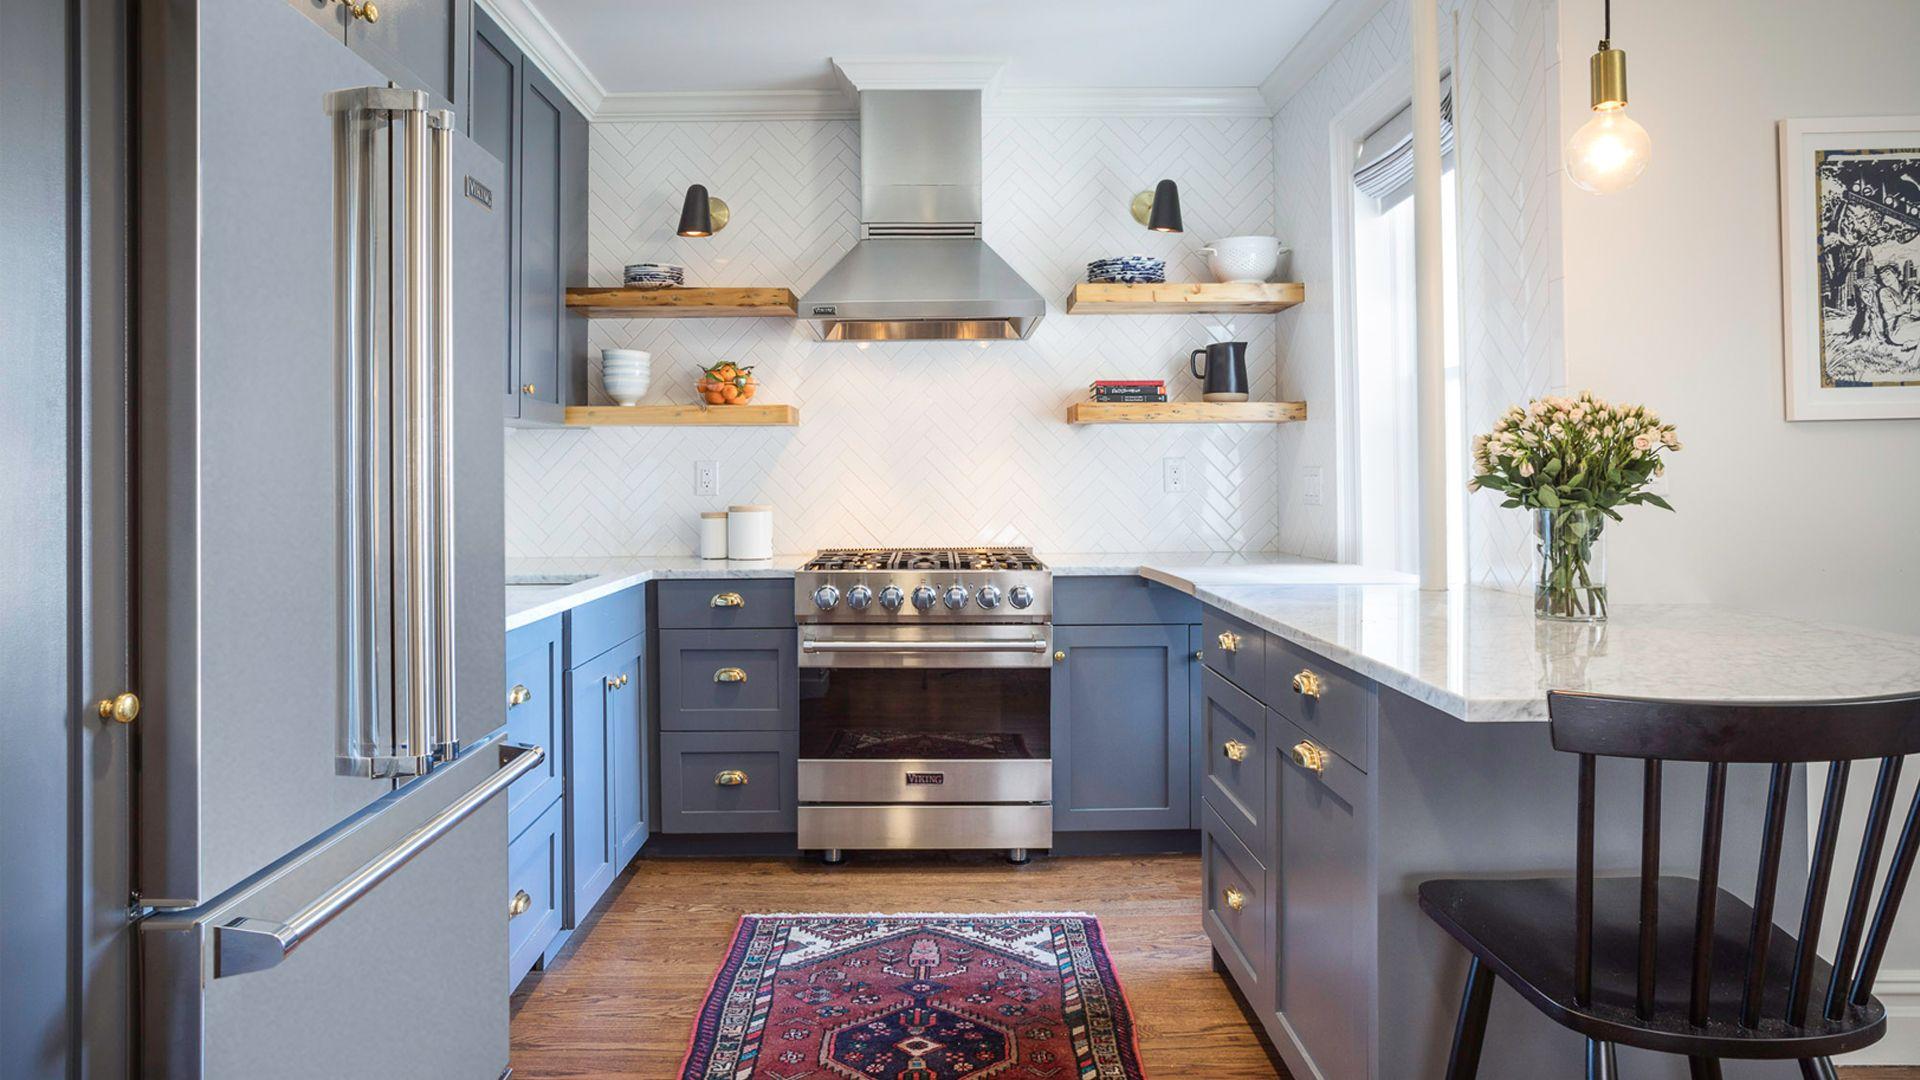 West Village Apartment Combination Ben Herzog Architect Pc West Village Apartment Design Your Kitchen Blue Tile Backsplash Kitchen